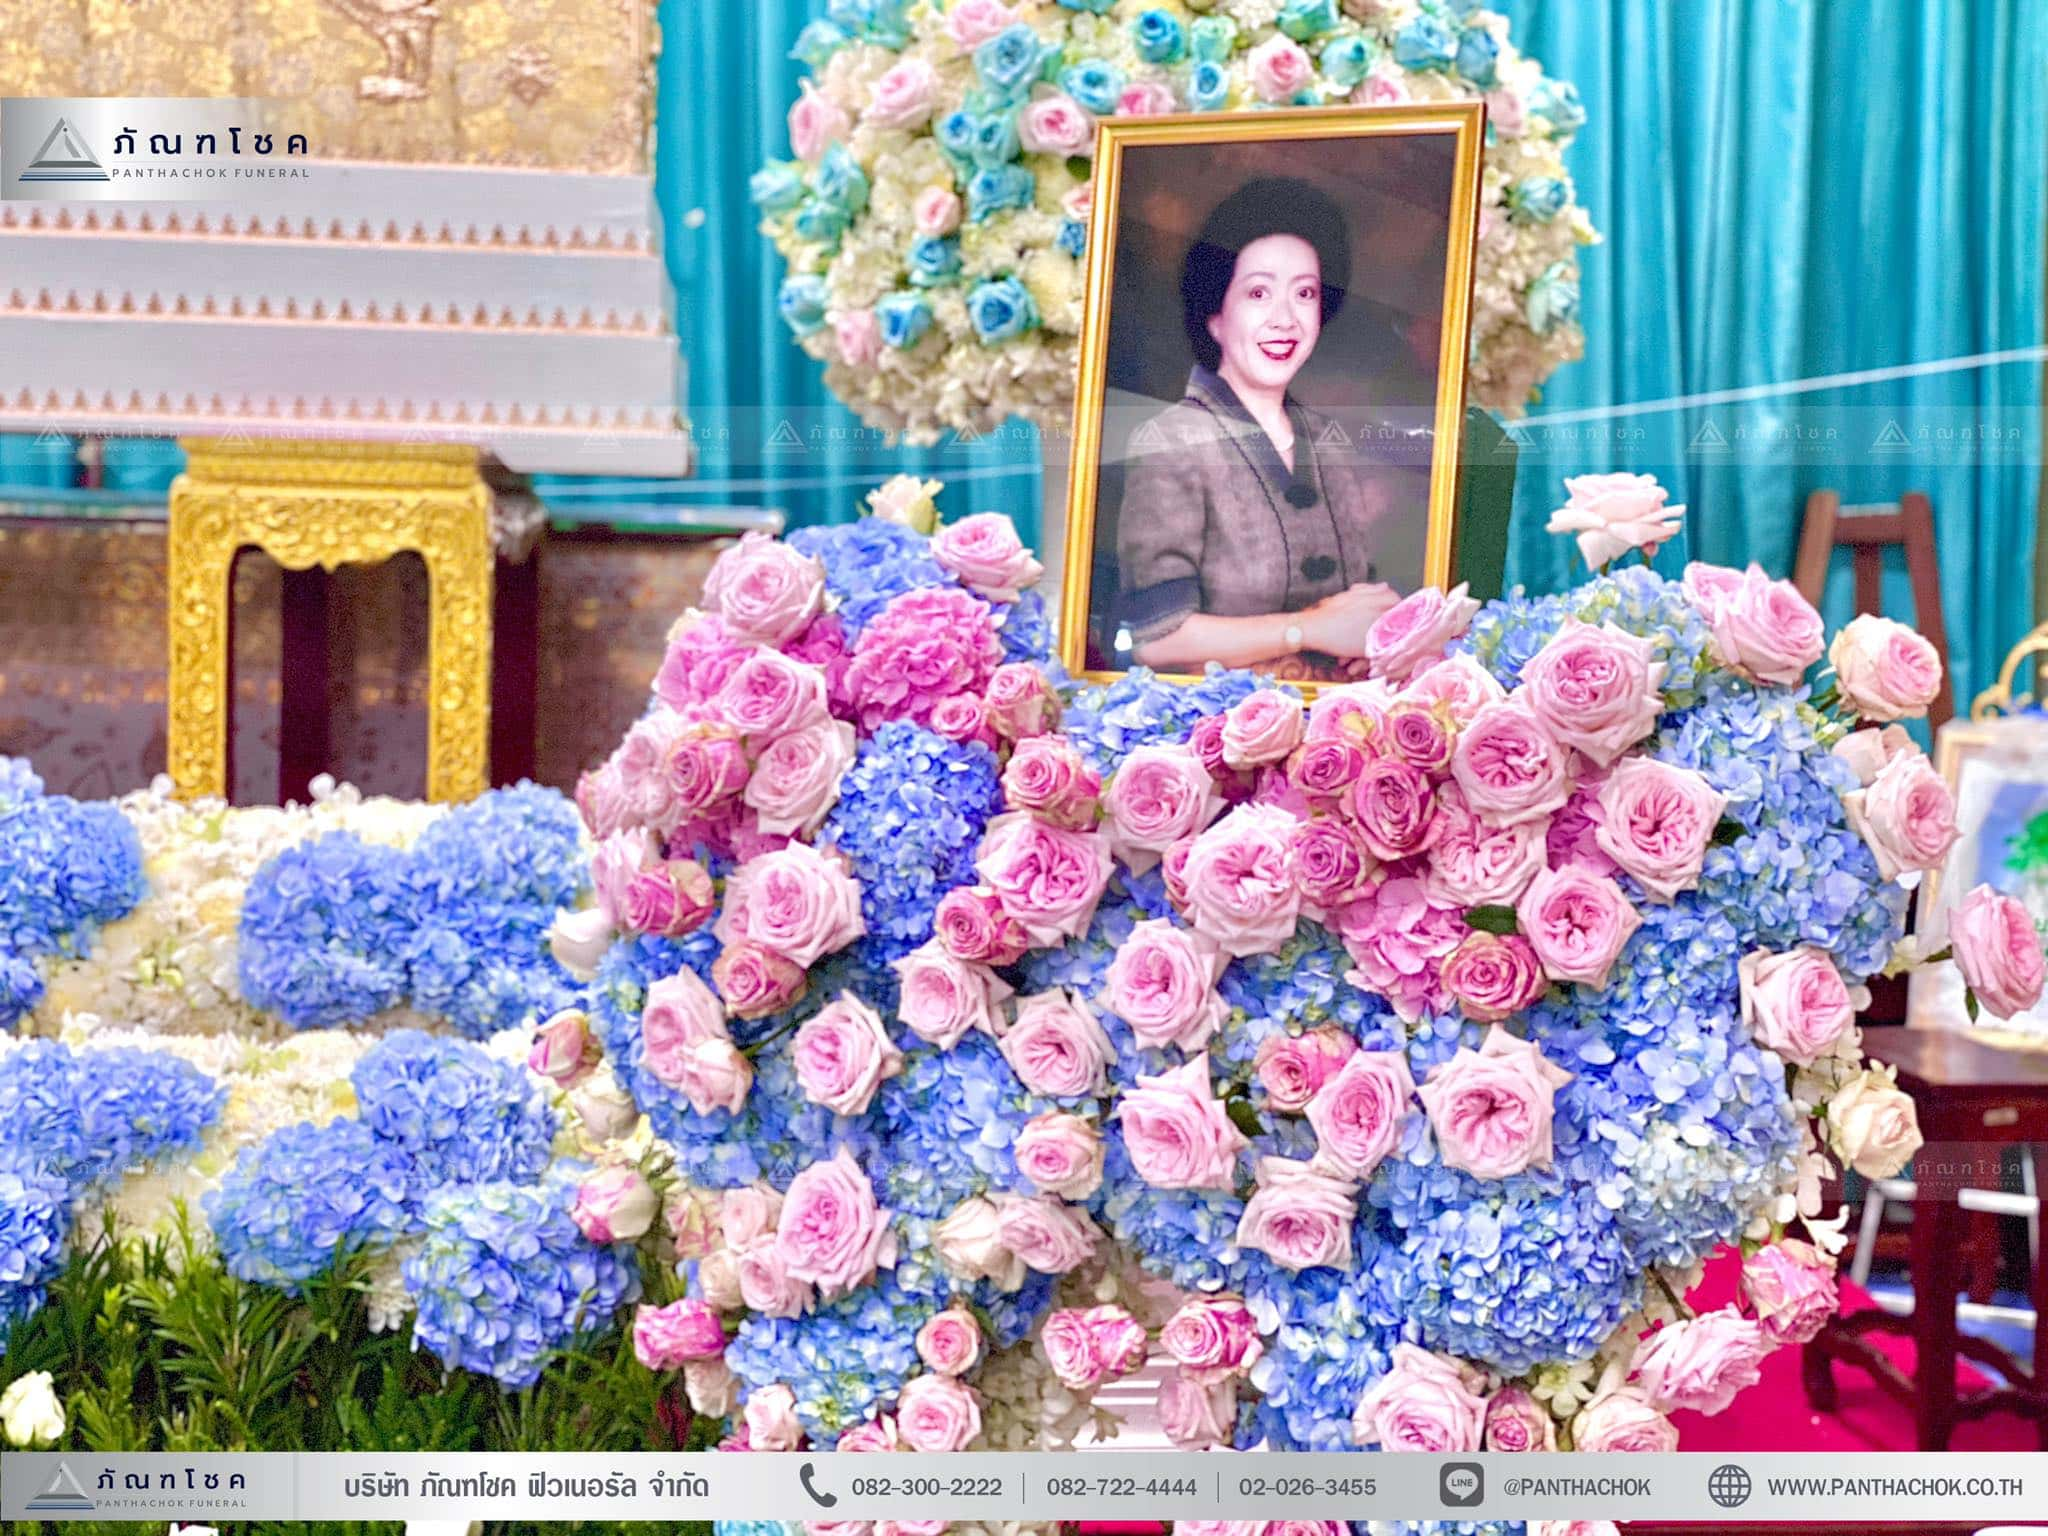 ดอกไม้งานศพสไตล์โมเดิร์น ณ วัดบัวขวัญพระอารามหลวง จ.นนทบุรี 5